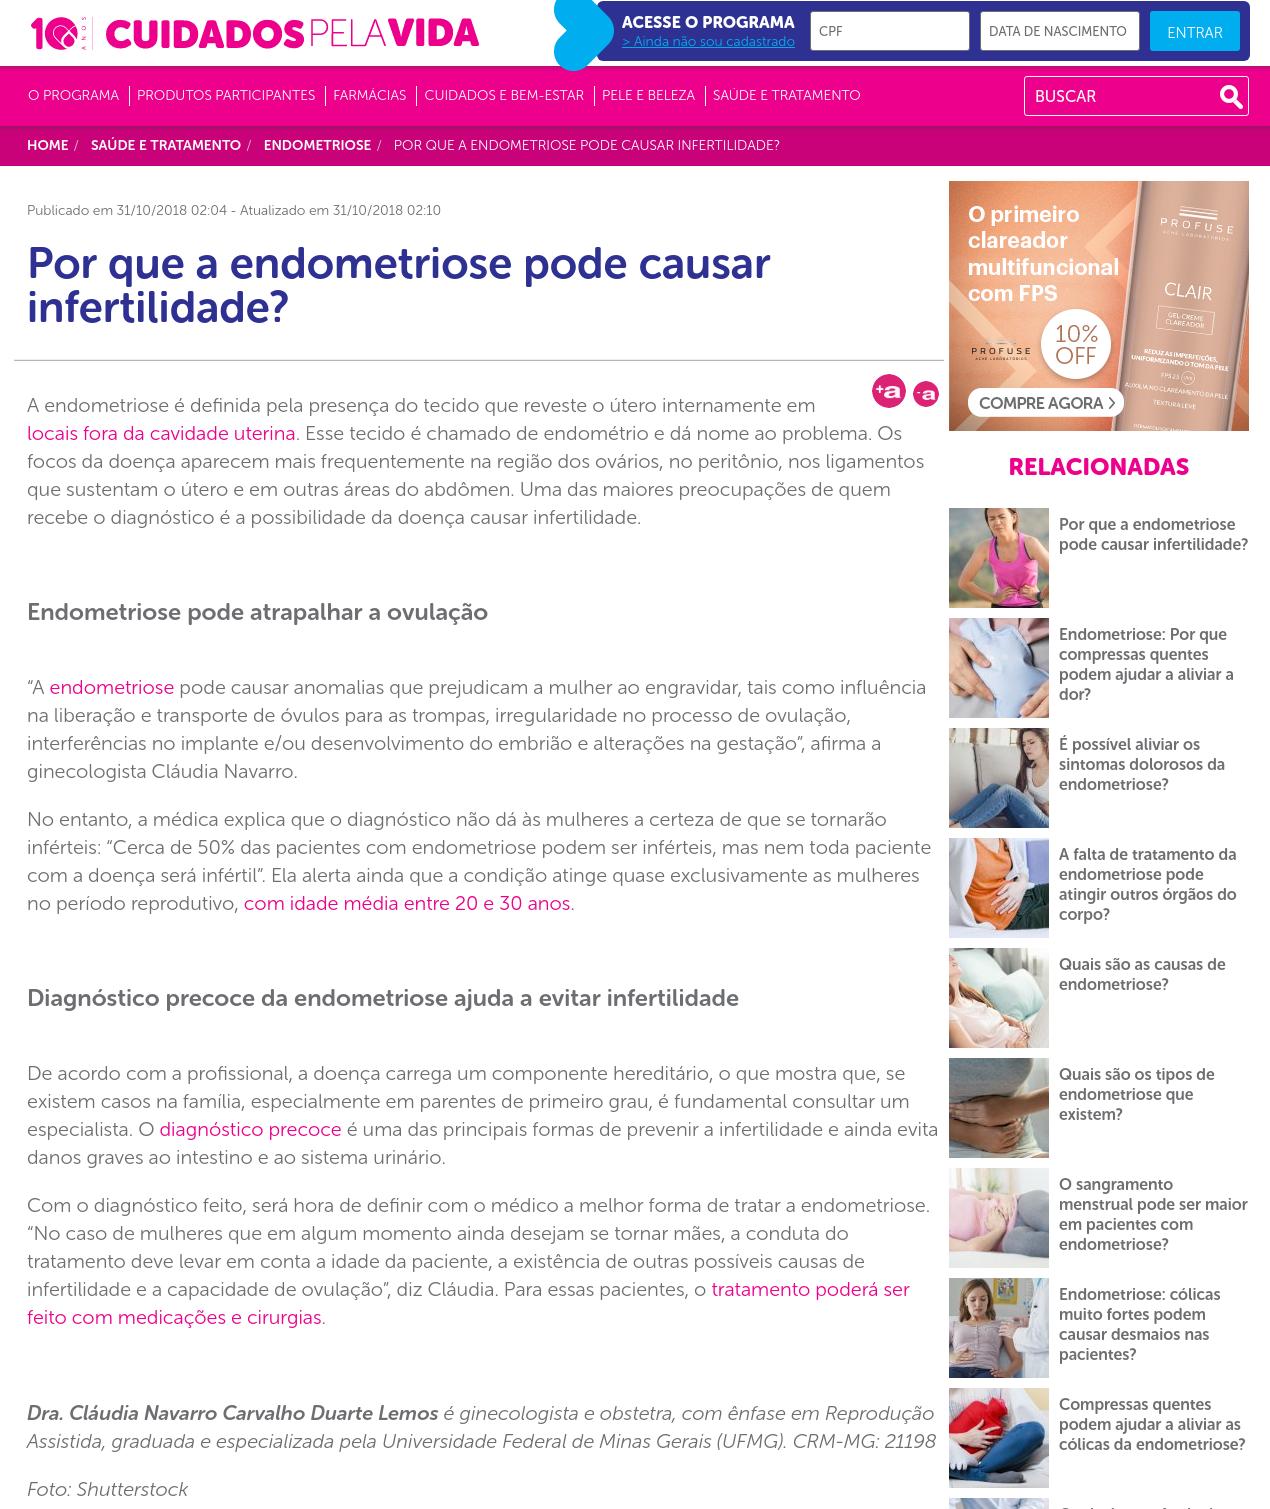 Cuidados Pela Vida – Por que a endometriose pode causar infertilidade?